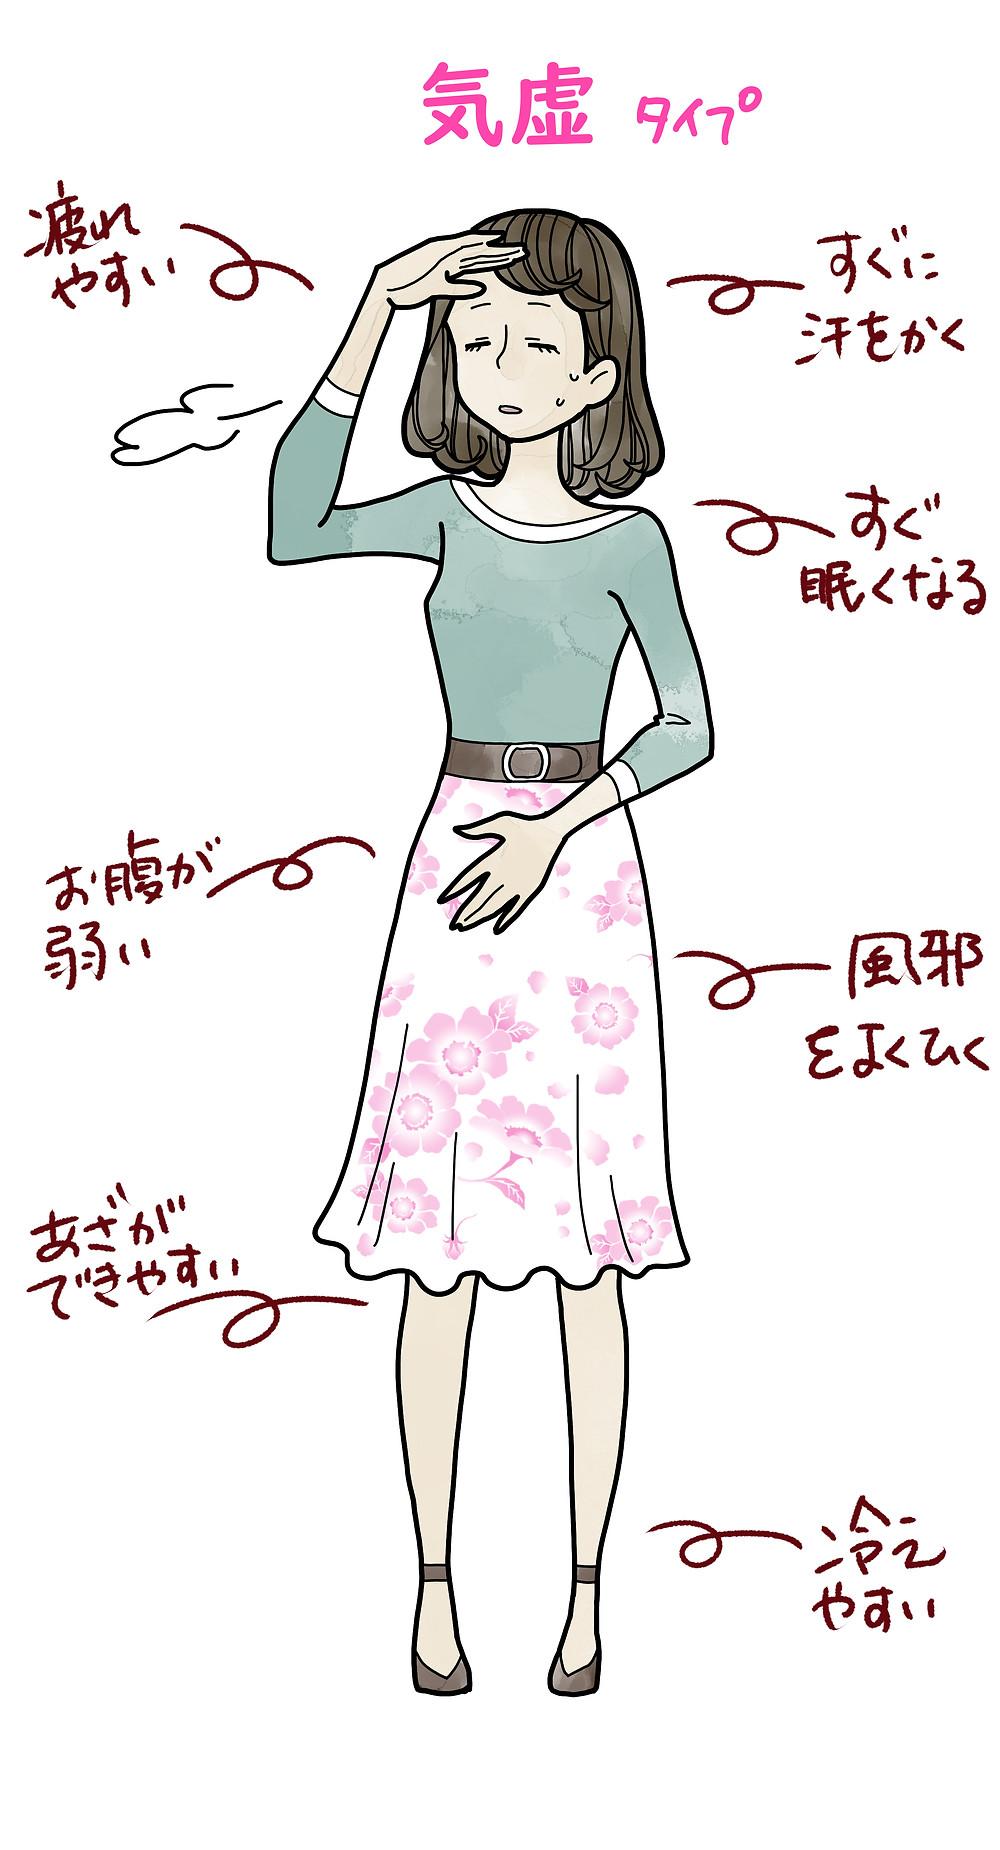 解説イラスト 中医学 薬膳 気虚 女性